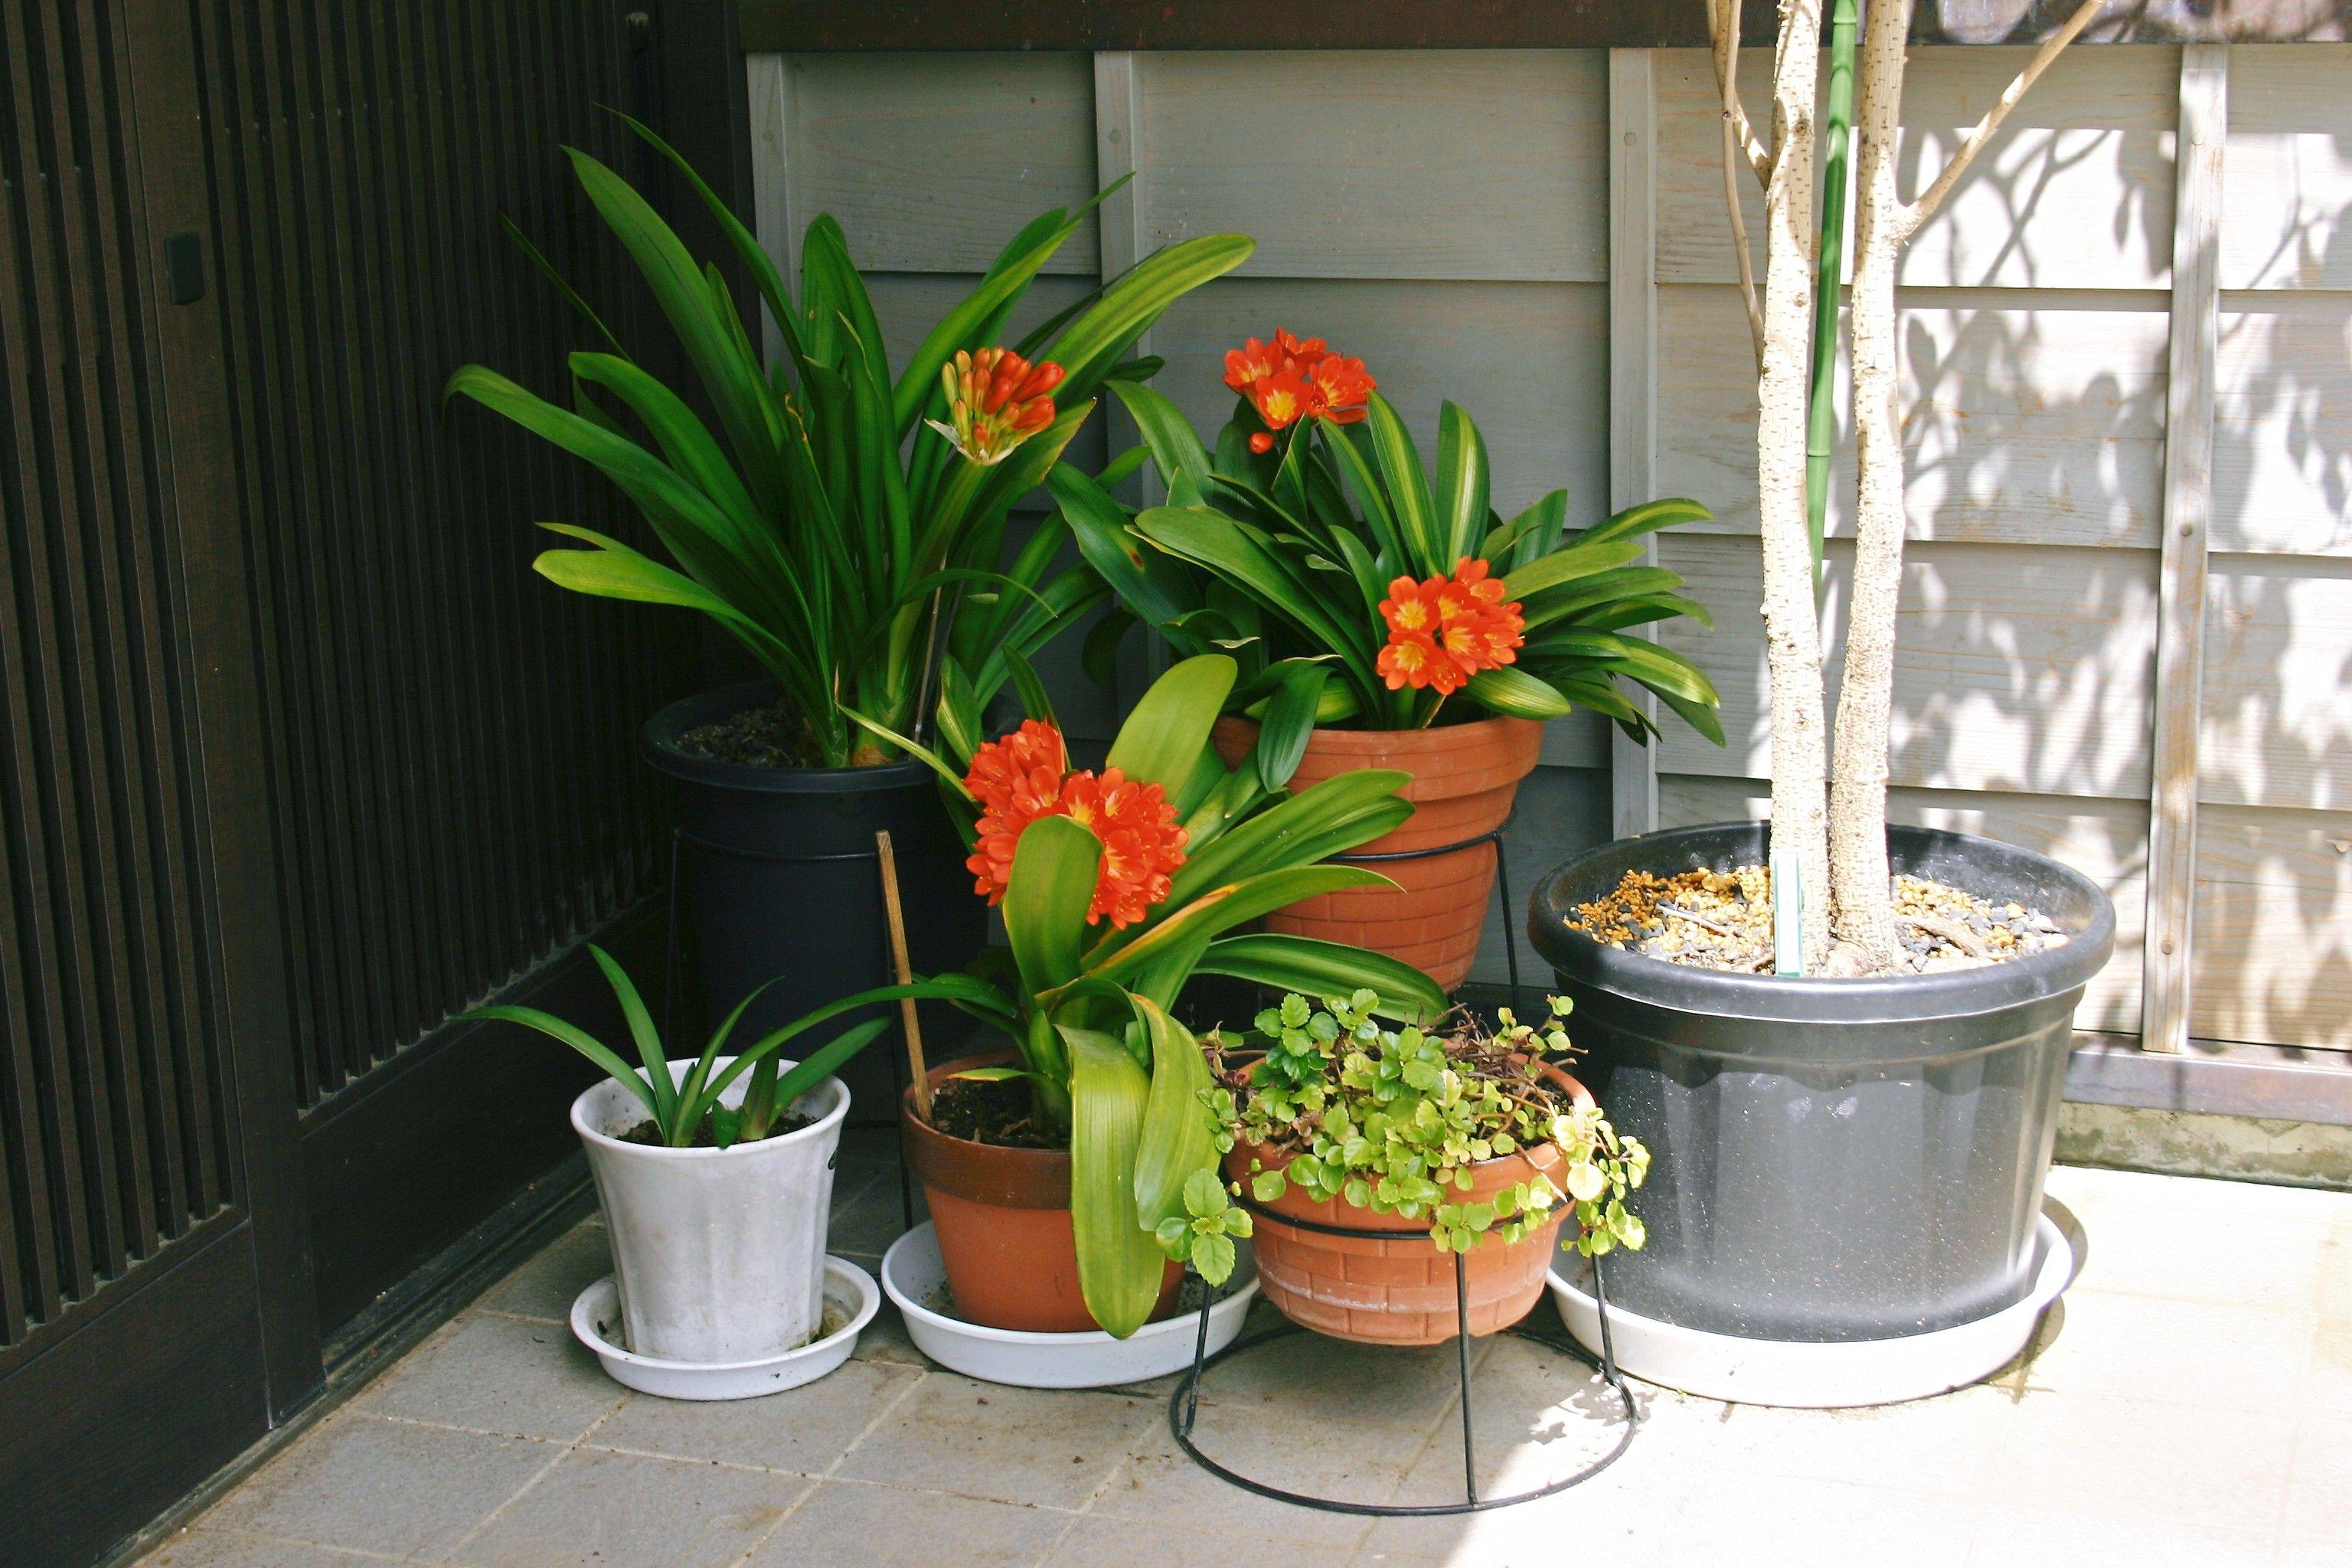 2011 June 君子蘭(ヒガンバナ科) 蘭と言っても蘭の仲間ではなく、彼岸花の仲間だそうな。よそは早春に咲くのに、常樂院のは5月から6月に咲きます。